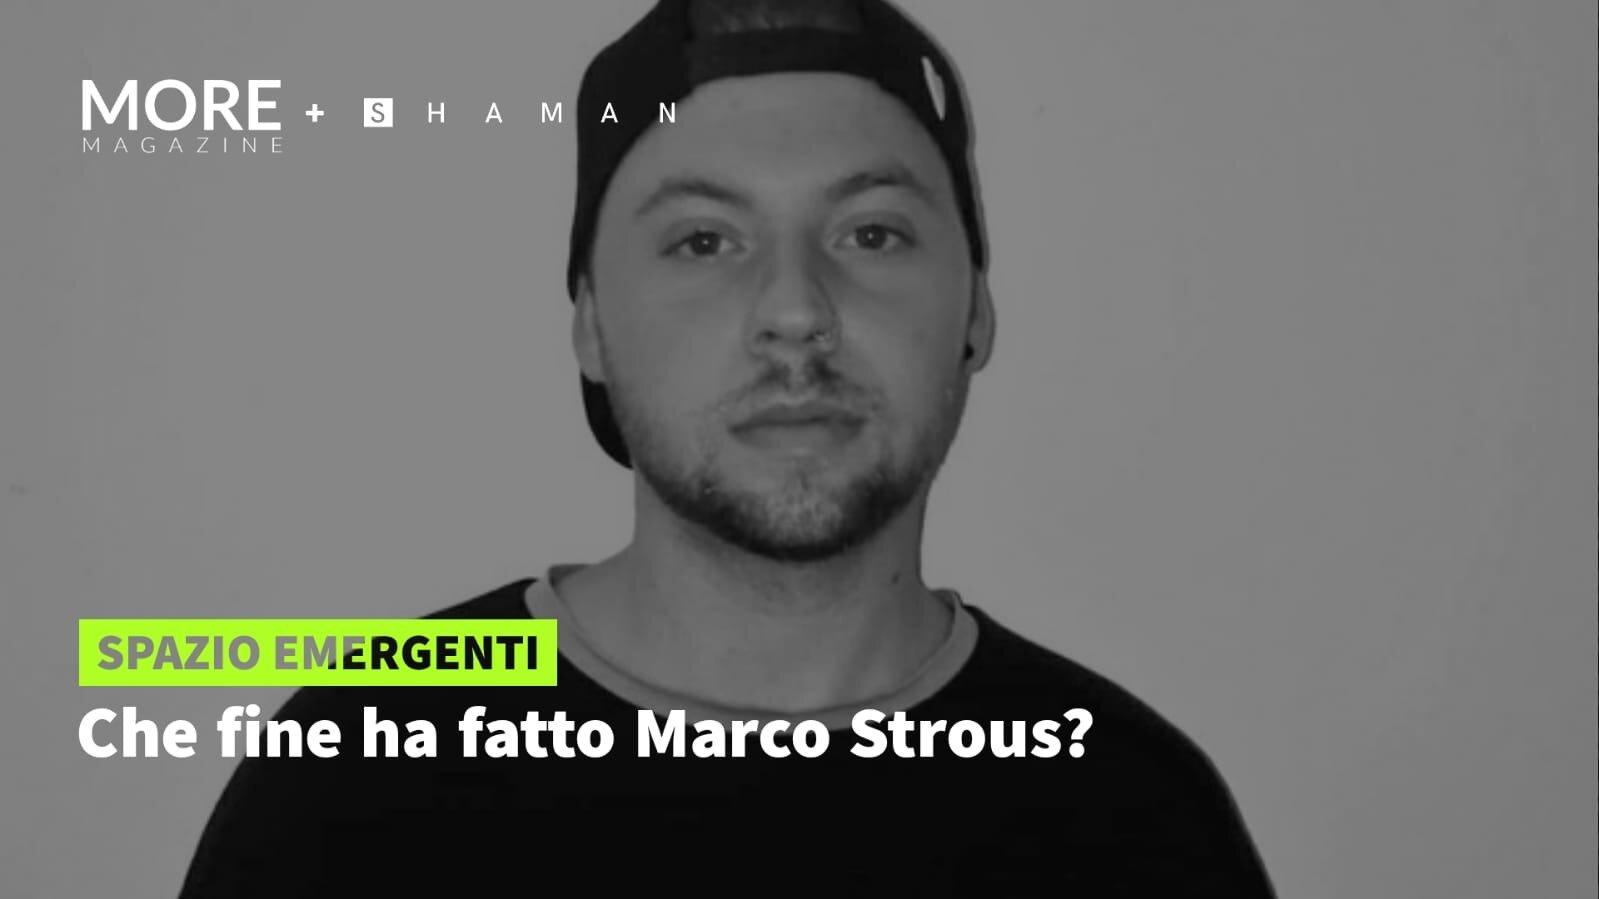 Che fine ha fatto Marco Strous?